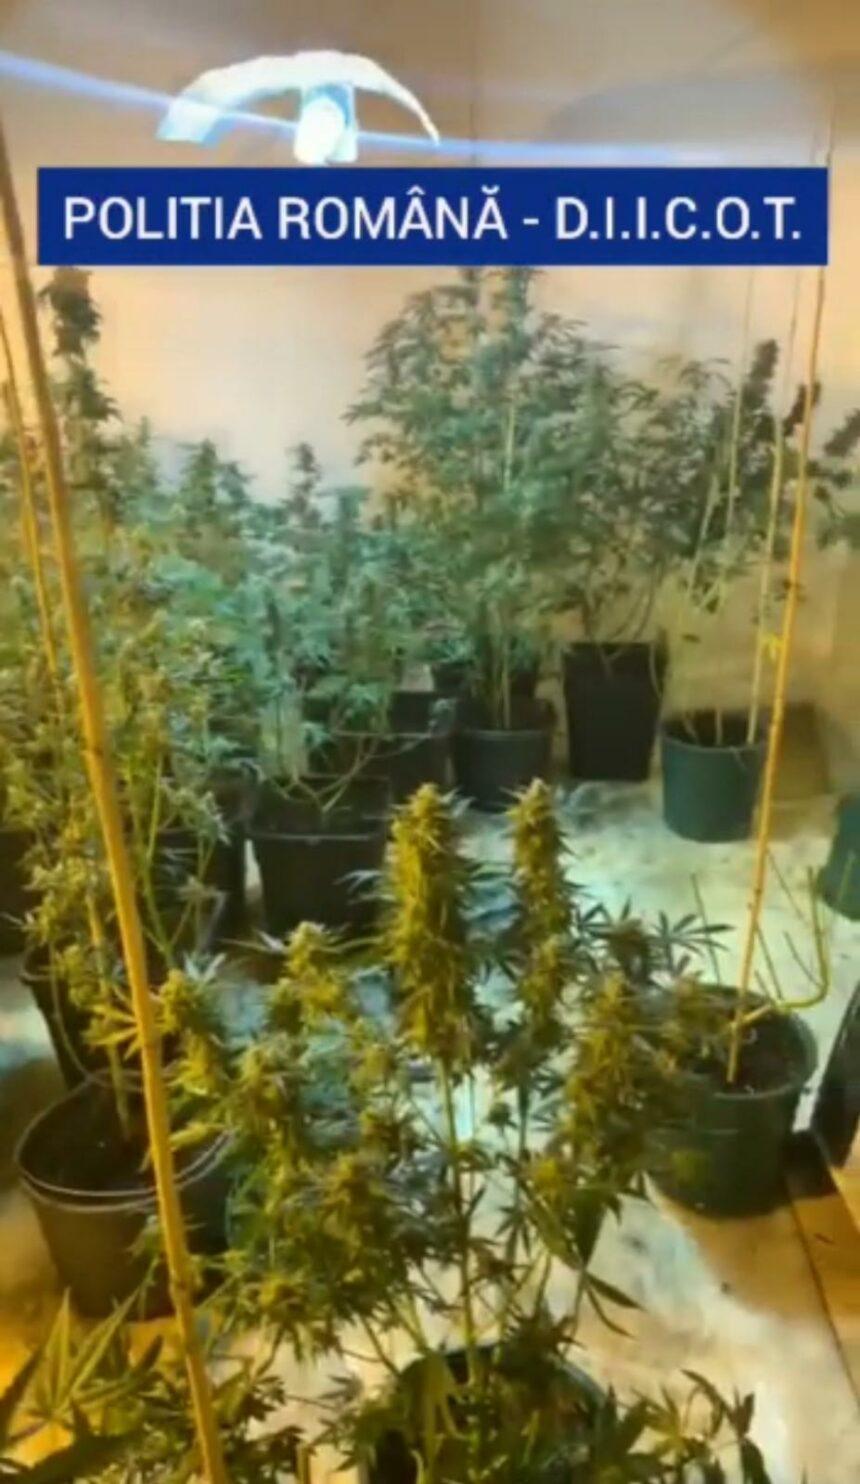 Culturi de cannabis în Dolj